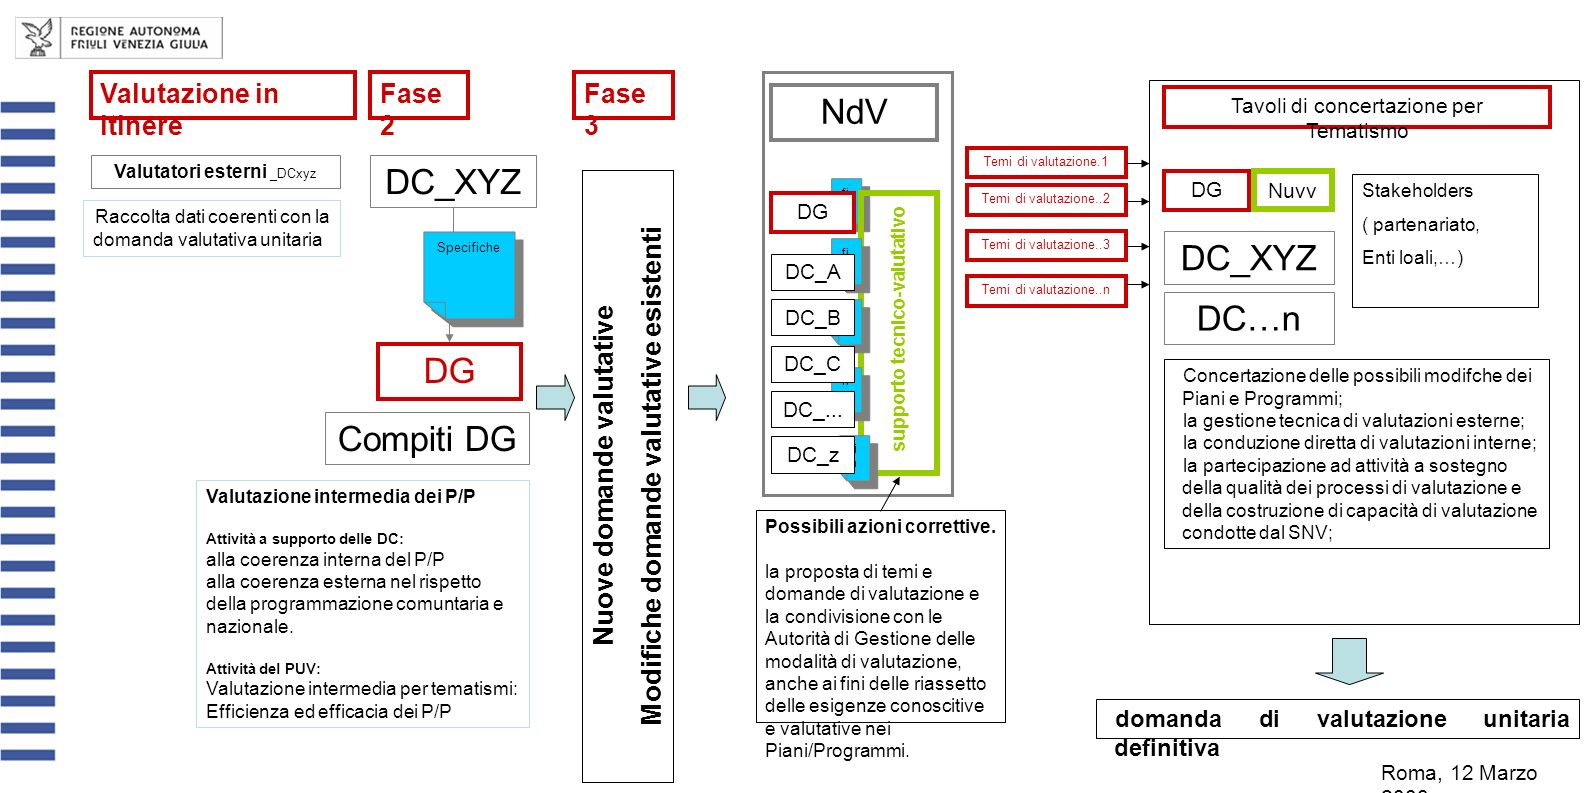 Compiti DG DC_XYZ DG fi n Specifiche NdV Valutazione intermedia dei P/P Attività a supporto delle DC: alla coerenza interna del P/P alla coerenza esterna nel rispetto della programmazione comuntaria e nazionale.